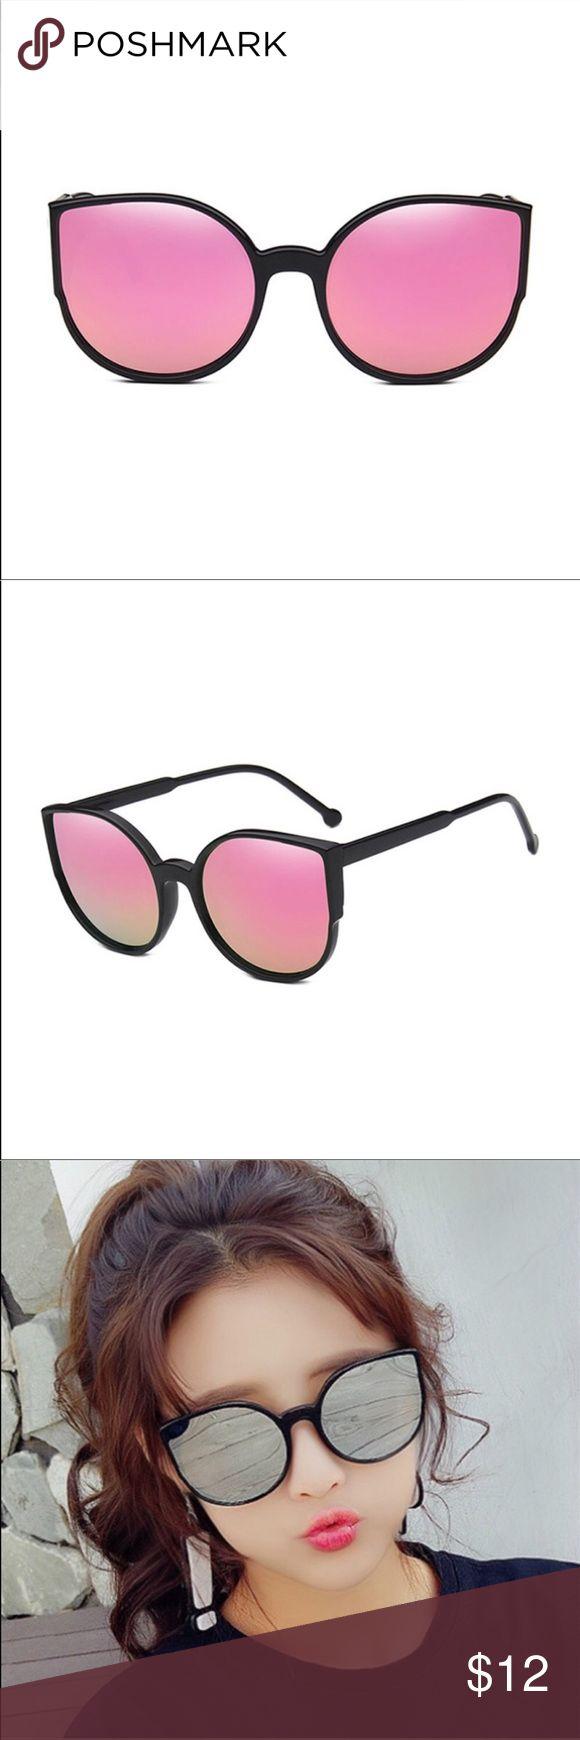 Óculos de sol de grandes dimensões na moda para gatos: rosa Estes óculos são tão fofos! Com um ove …   – My Posh Picks